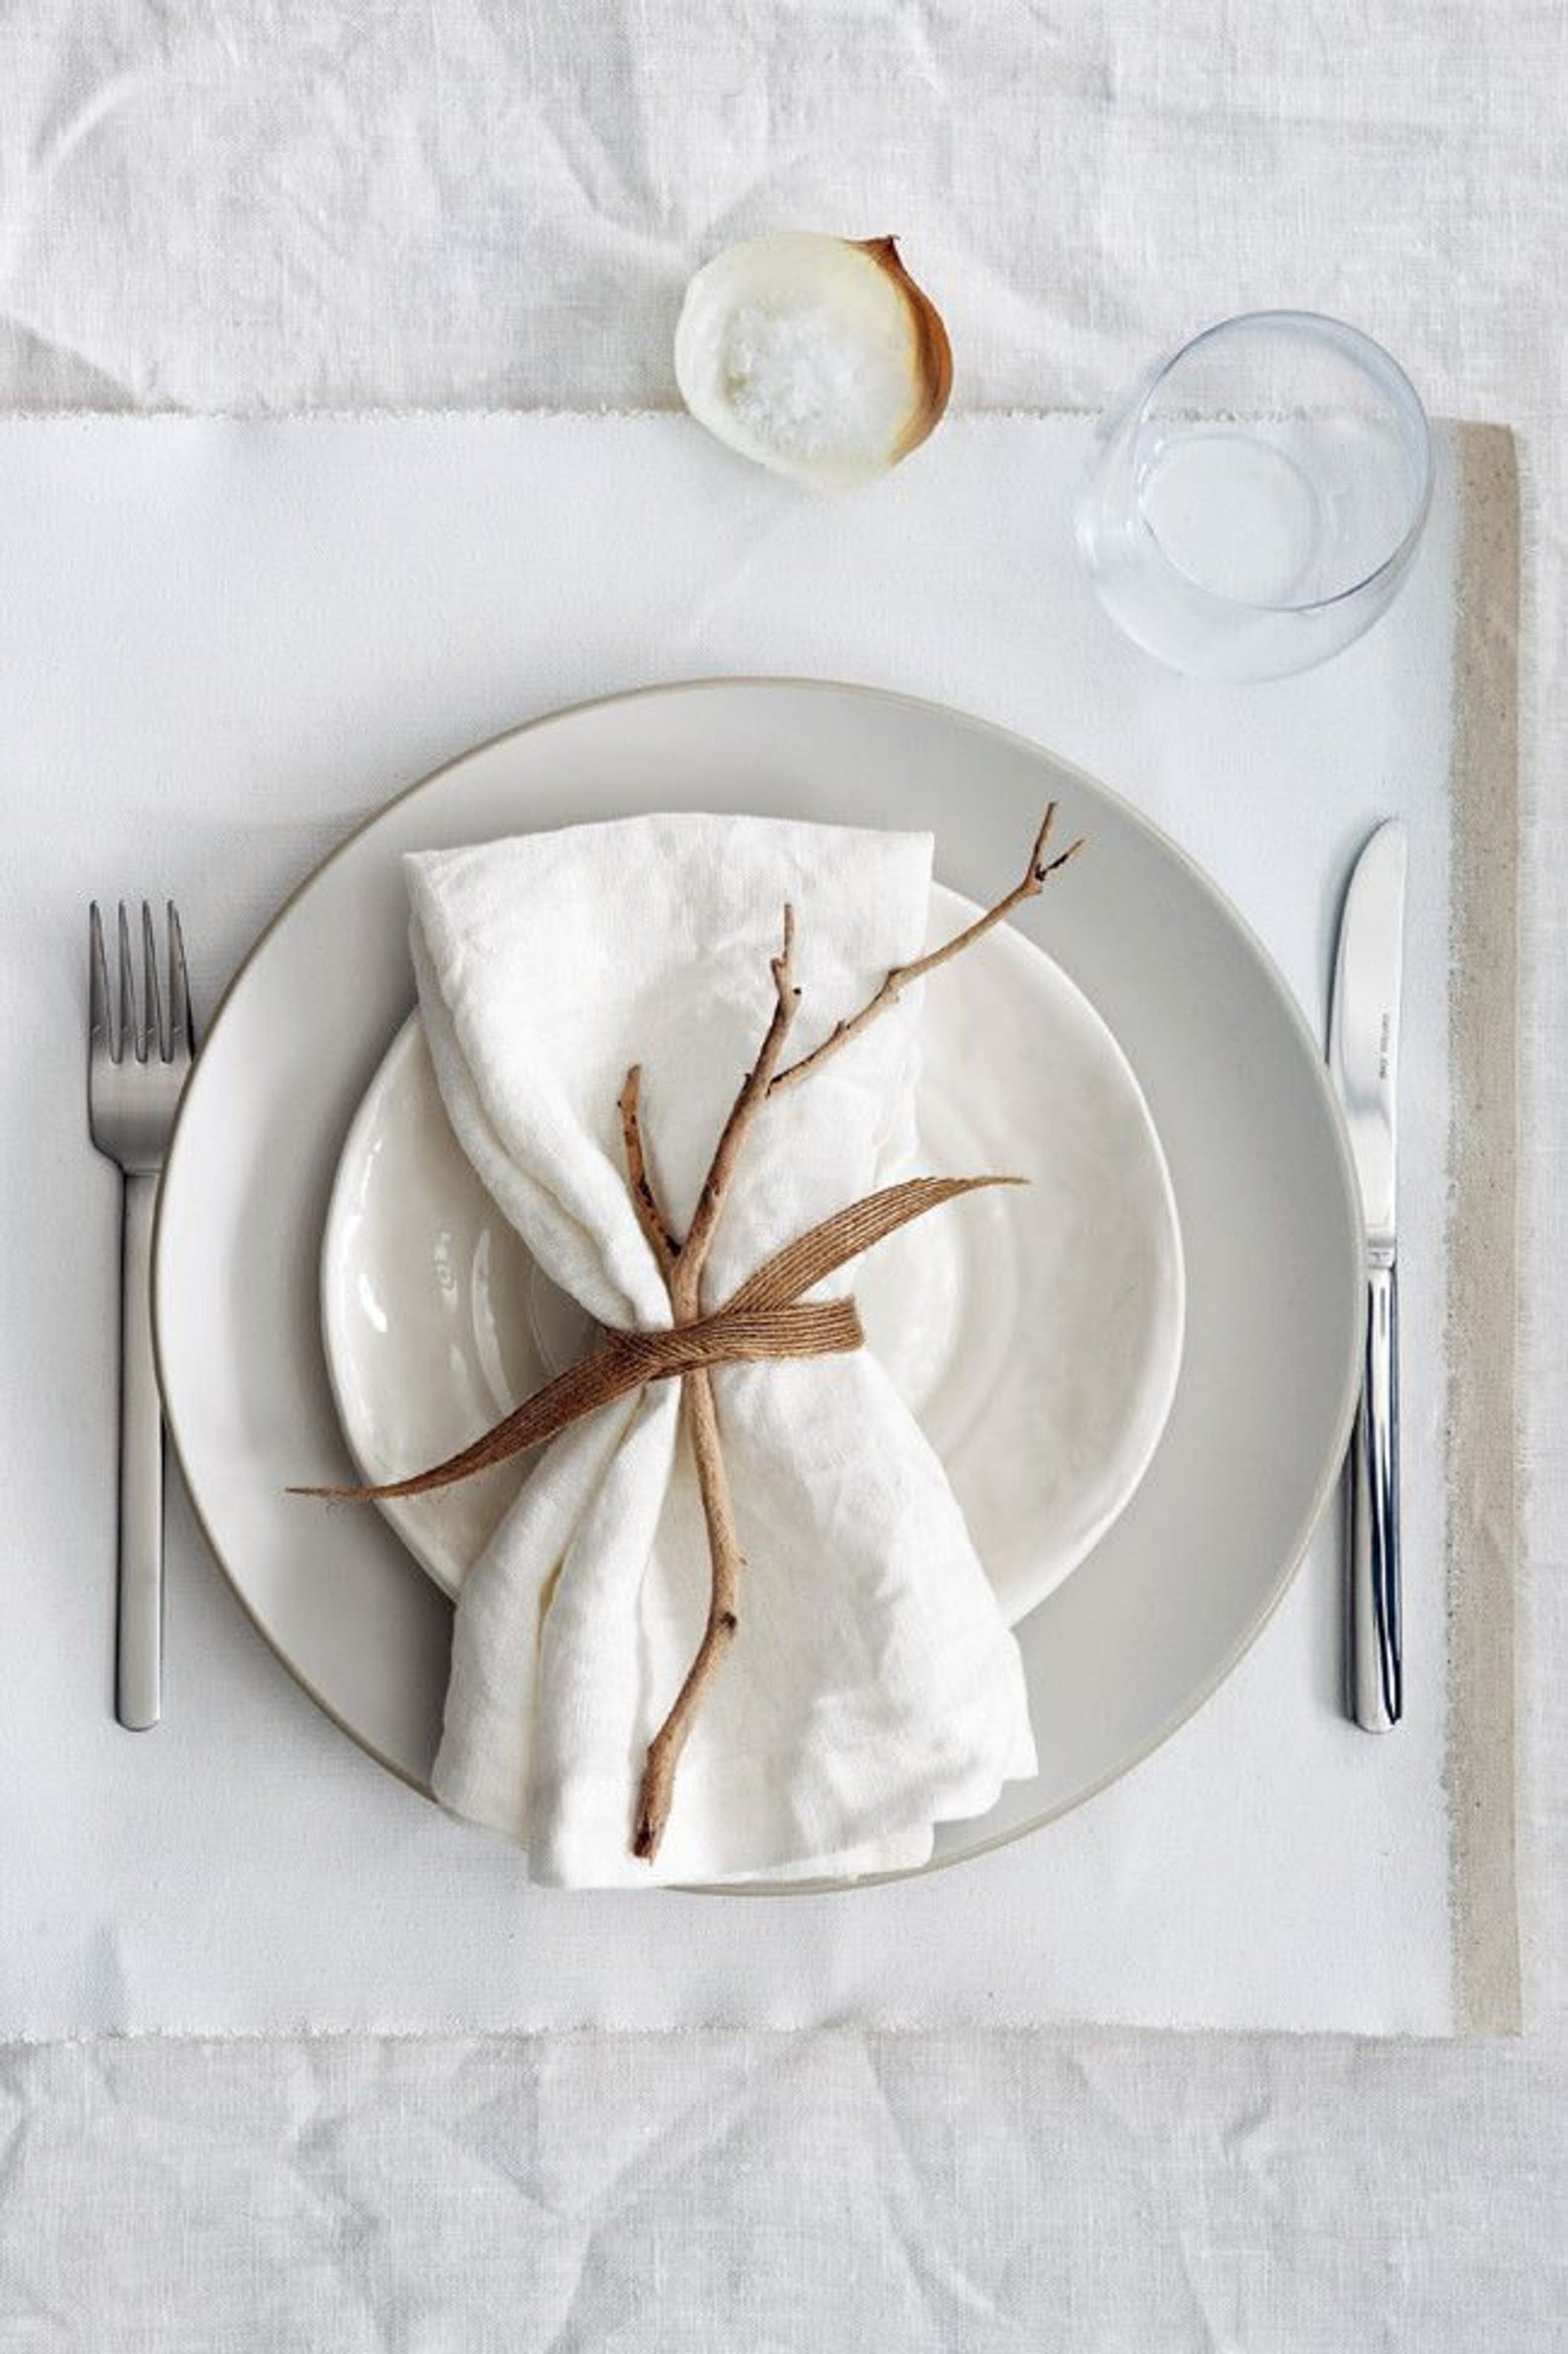 Linen napkins – Set of 6 napkins – Tablecloth napkins – kitchen napkins – Ivory/ white napkins 18×18